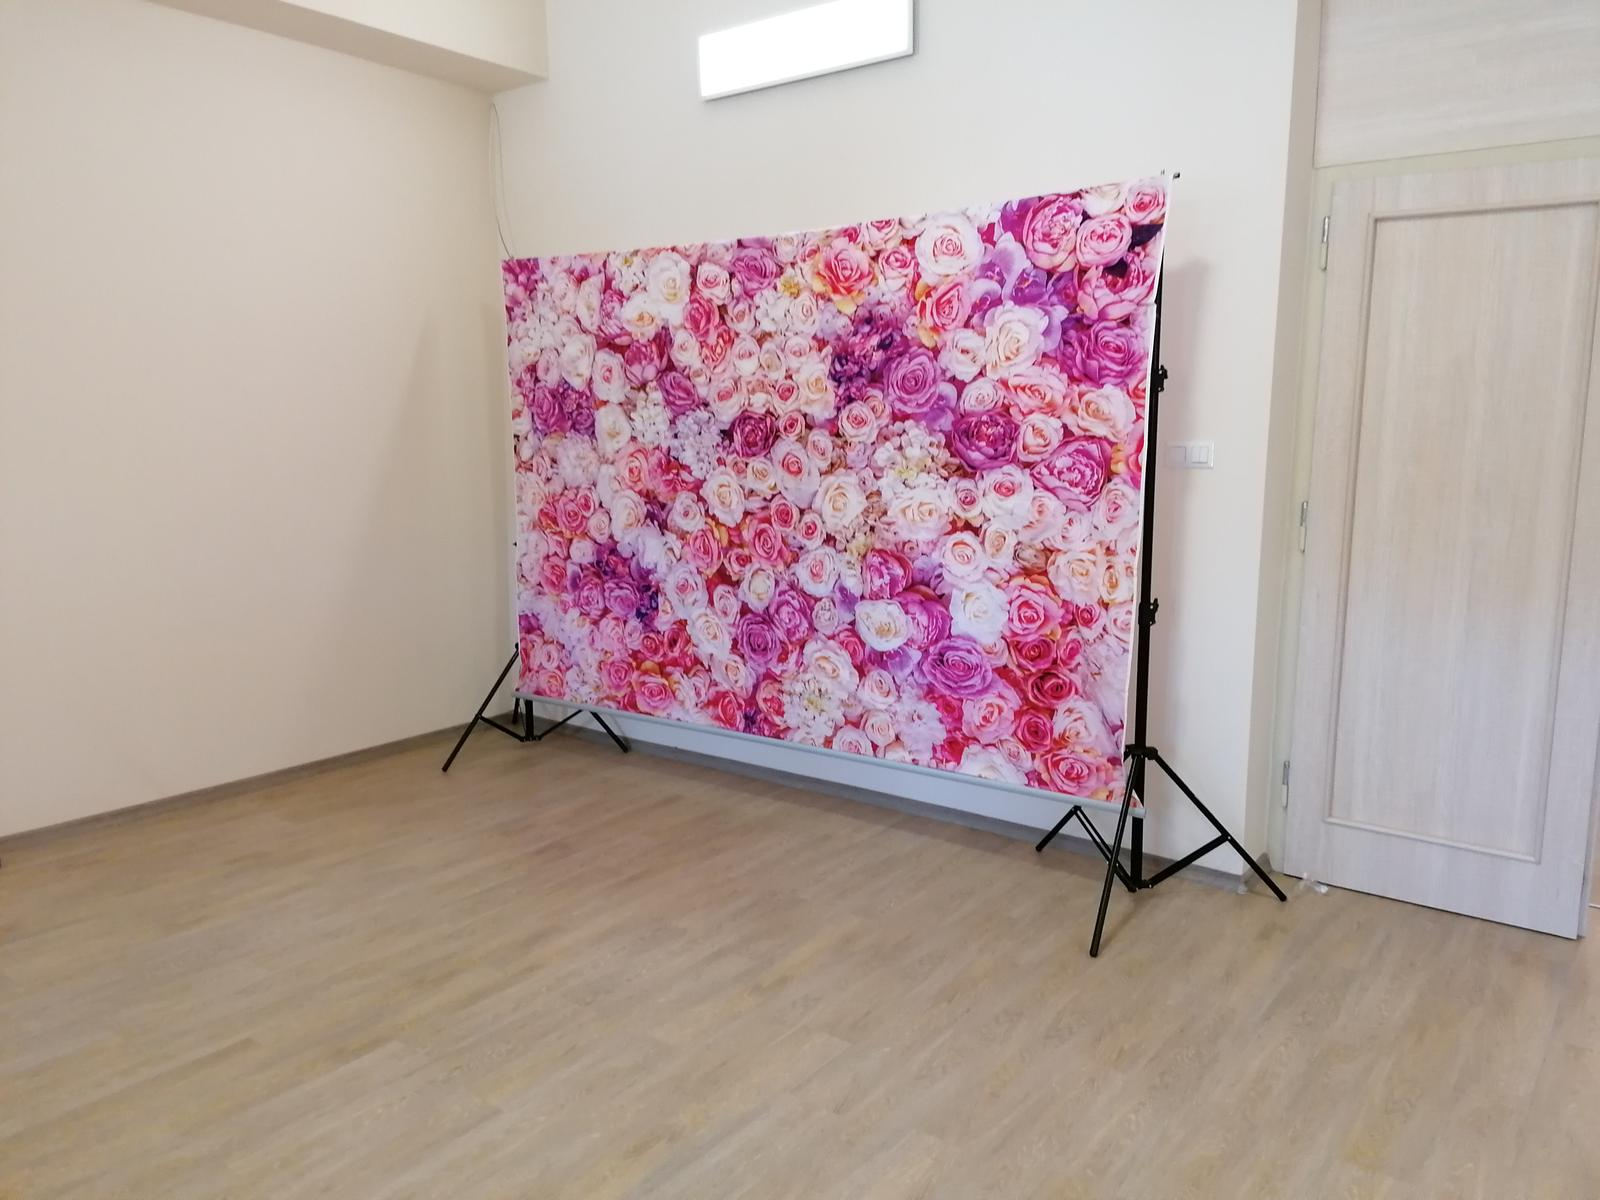 Svadobné FOTO steny, Foto kútik DJ Chvojka - Obrázok č. 1